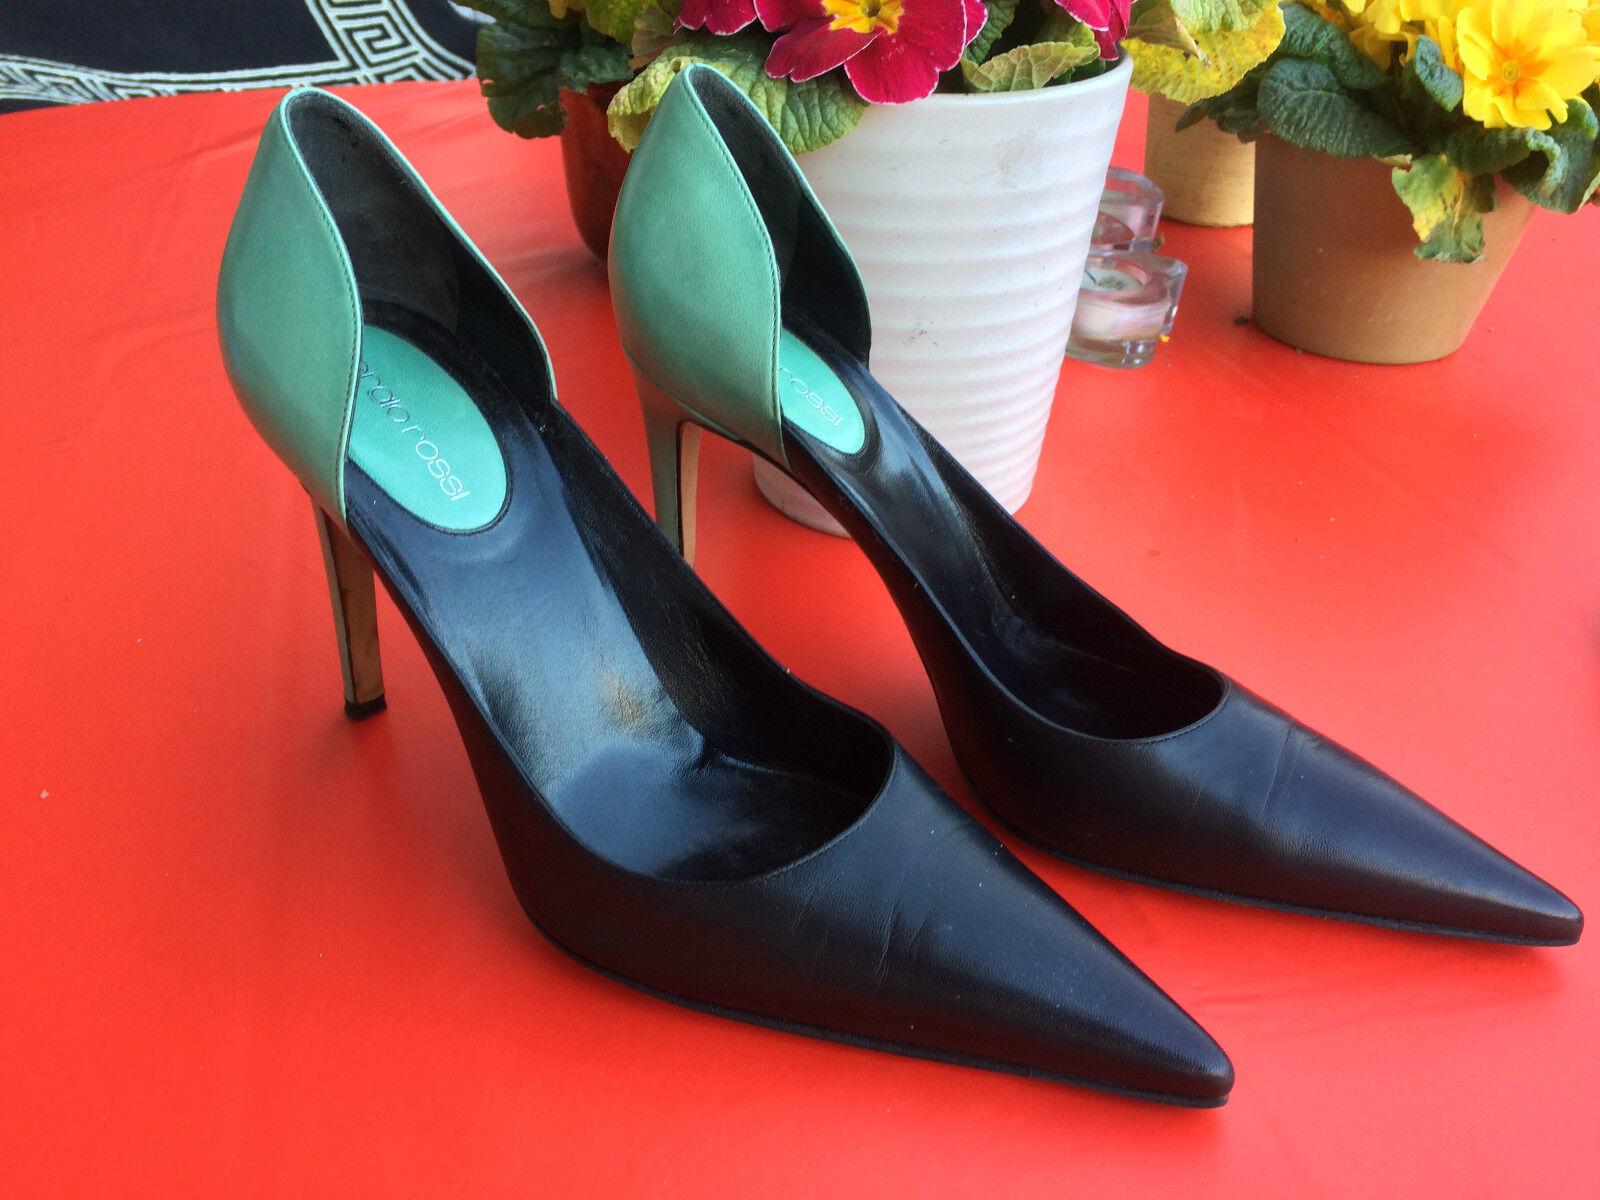 Sergio Rossi cuero tacón alto zapatos zapatos zapatos de salón negro turquesa talla 40  Precio al por mayor y calidad confiable.